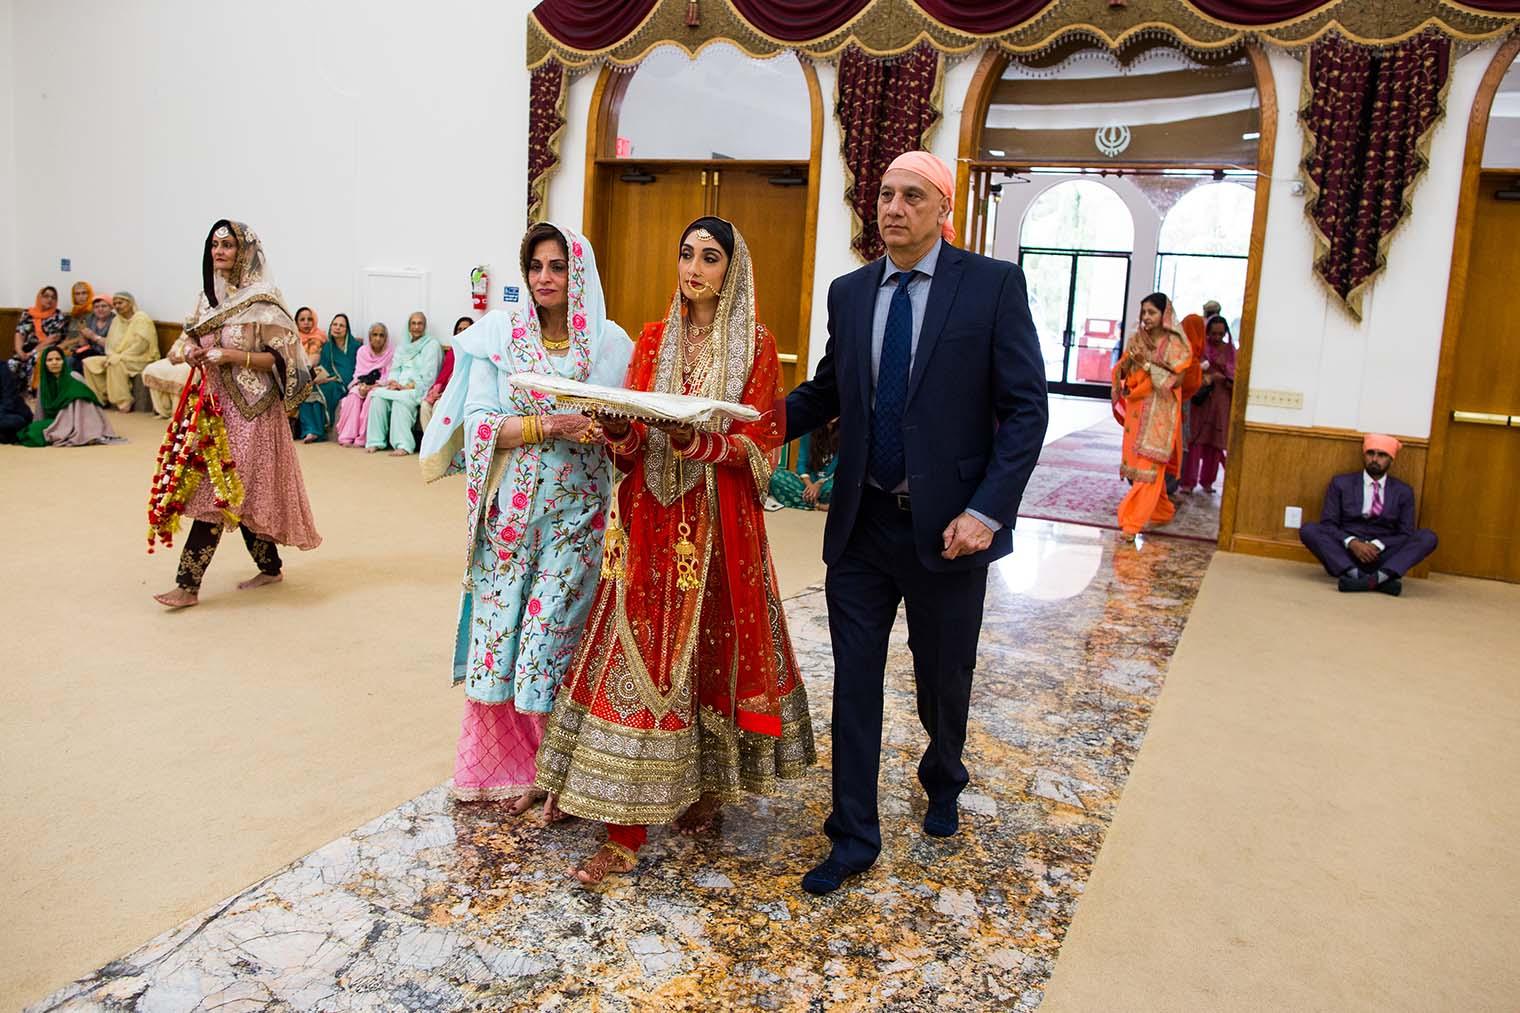 Gurdwara Sahib of Fremont Wedding Ceremony